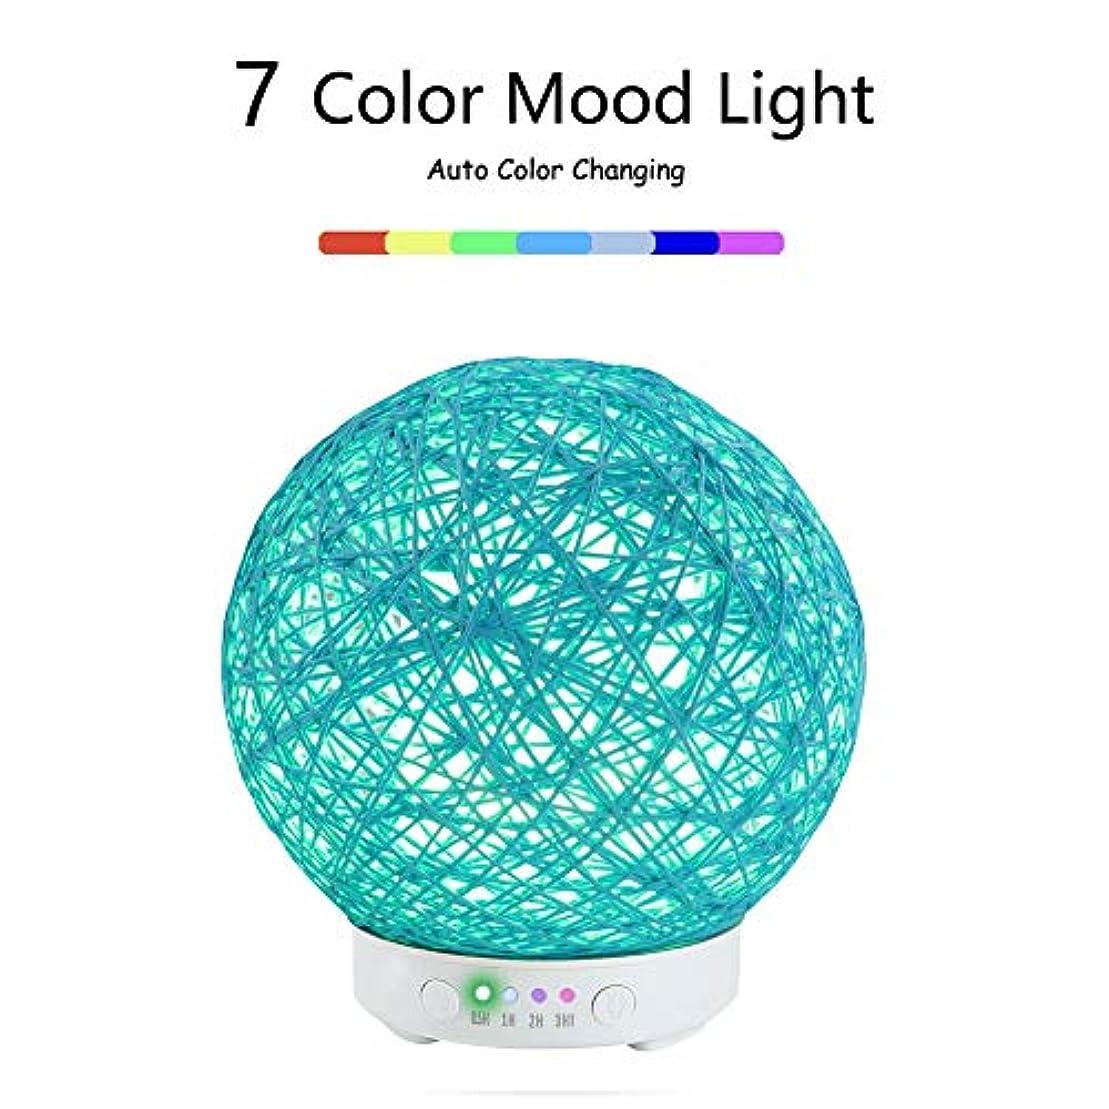 マルコポーロバンク私たちの創造的な麻ロープアロマセラピーマシン、アロマエッセンシャルオイルクールな霧加湿器水なし自動7色LEDライト